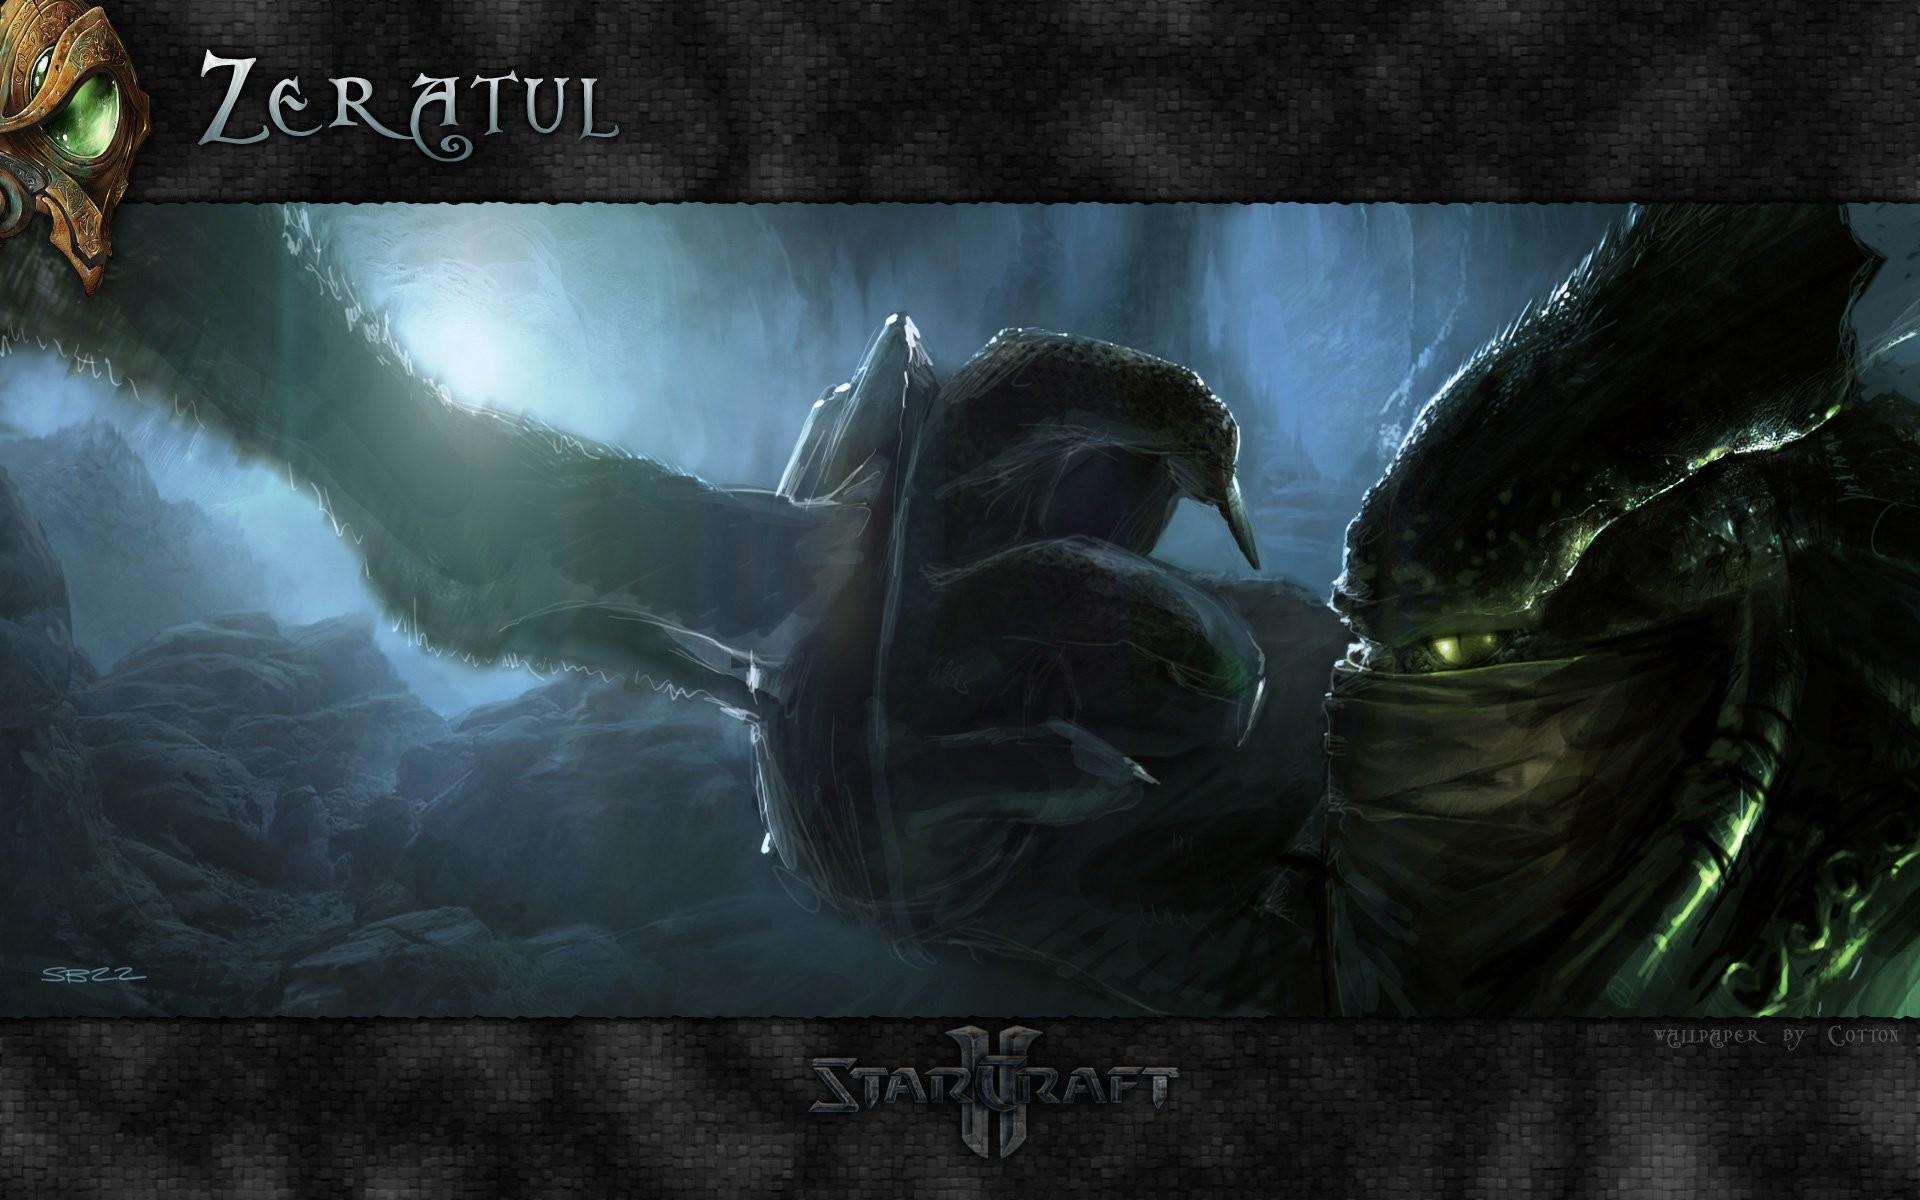 StarCraft 2 Zerg HD desktop wallpaper : Widescreen : High | Adorable  Wallpapers | Pinterest | Starcraft, Hd desktop and Wallpaper